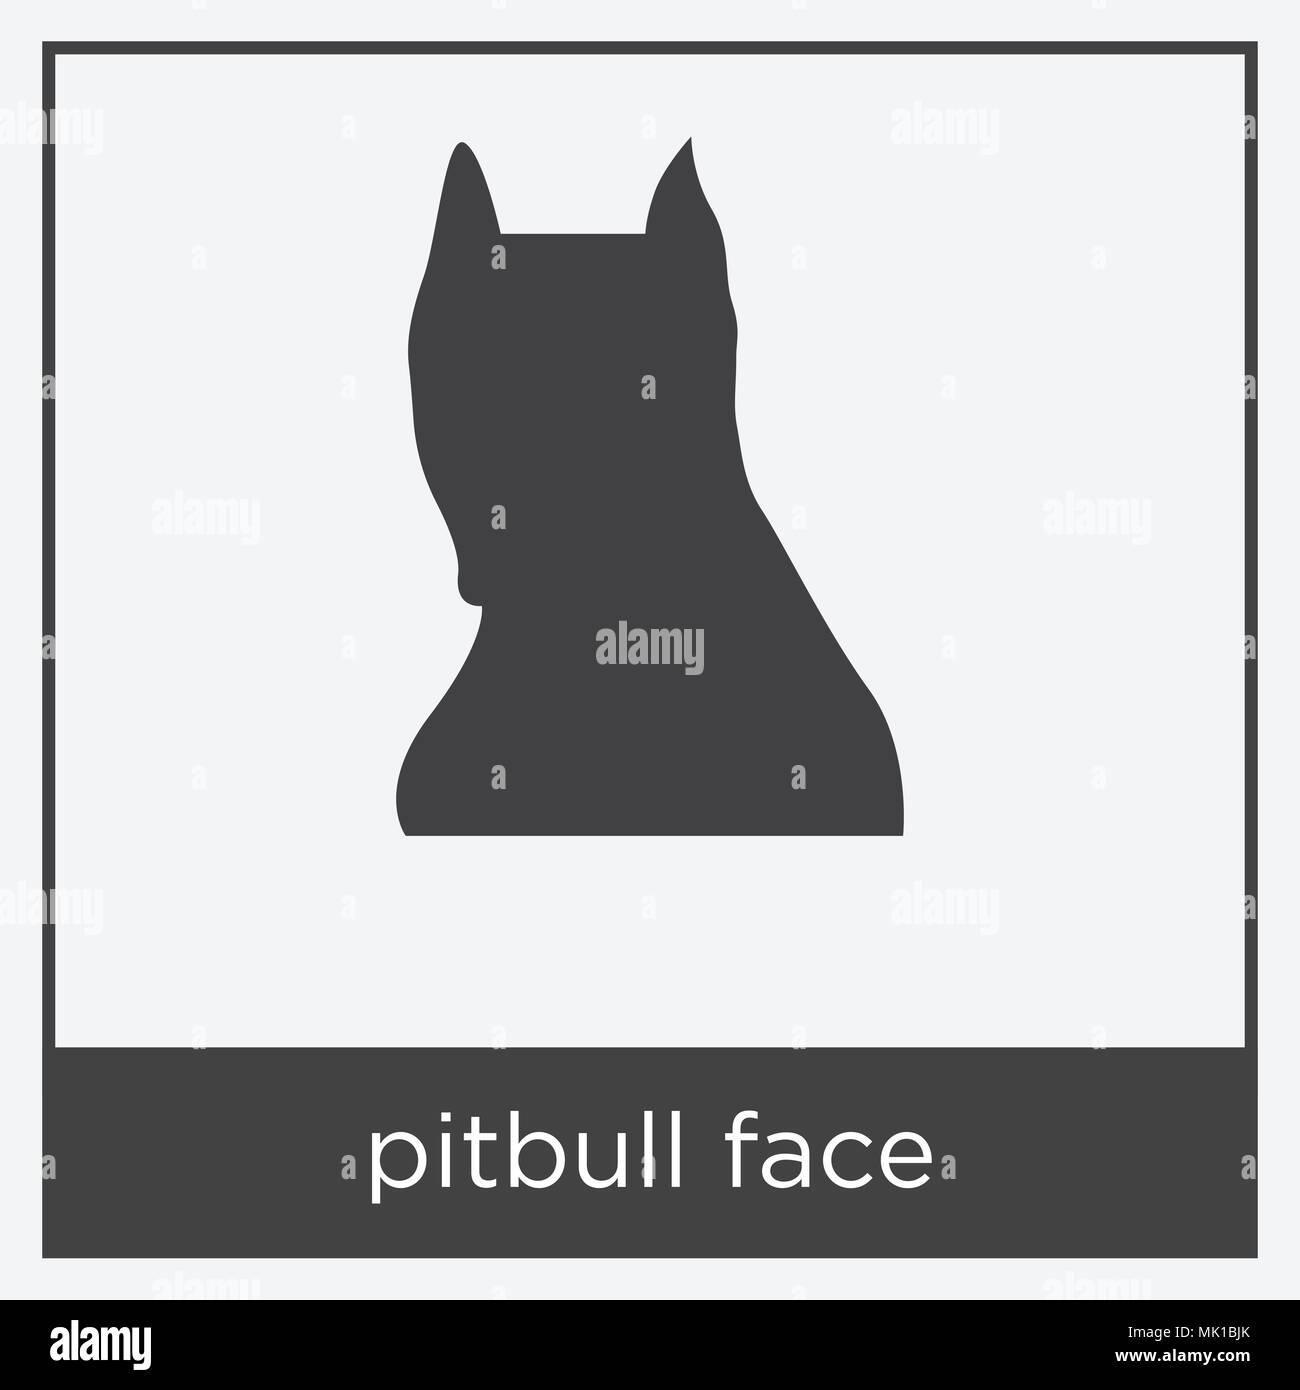 Pitbull Gesicht Symbol auf weißem Hintergrund mit grauen Rahmen ...